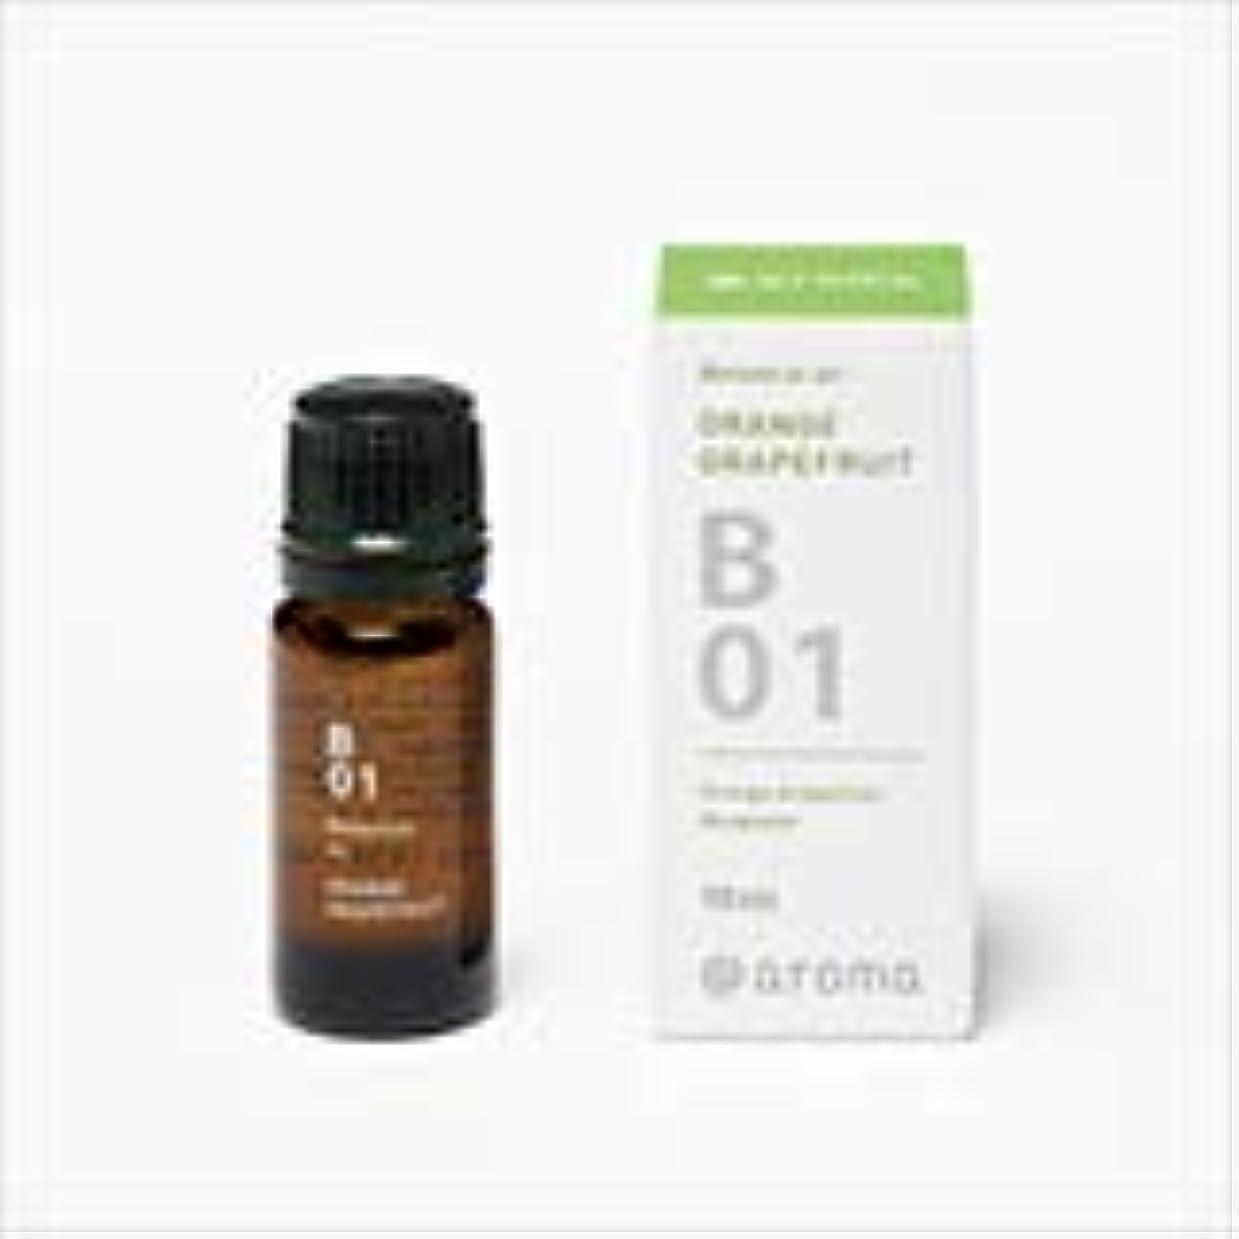 多年生影響する贅沢なアットアロマ 100%pure essential oil <Botanical air ラベンダーミント>